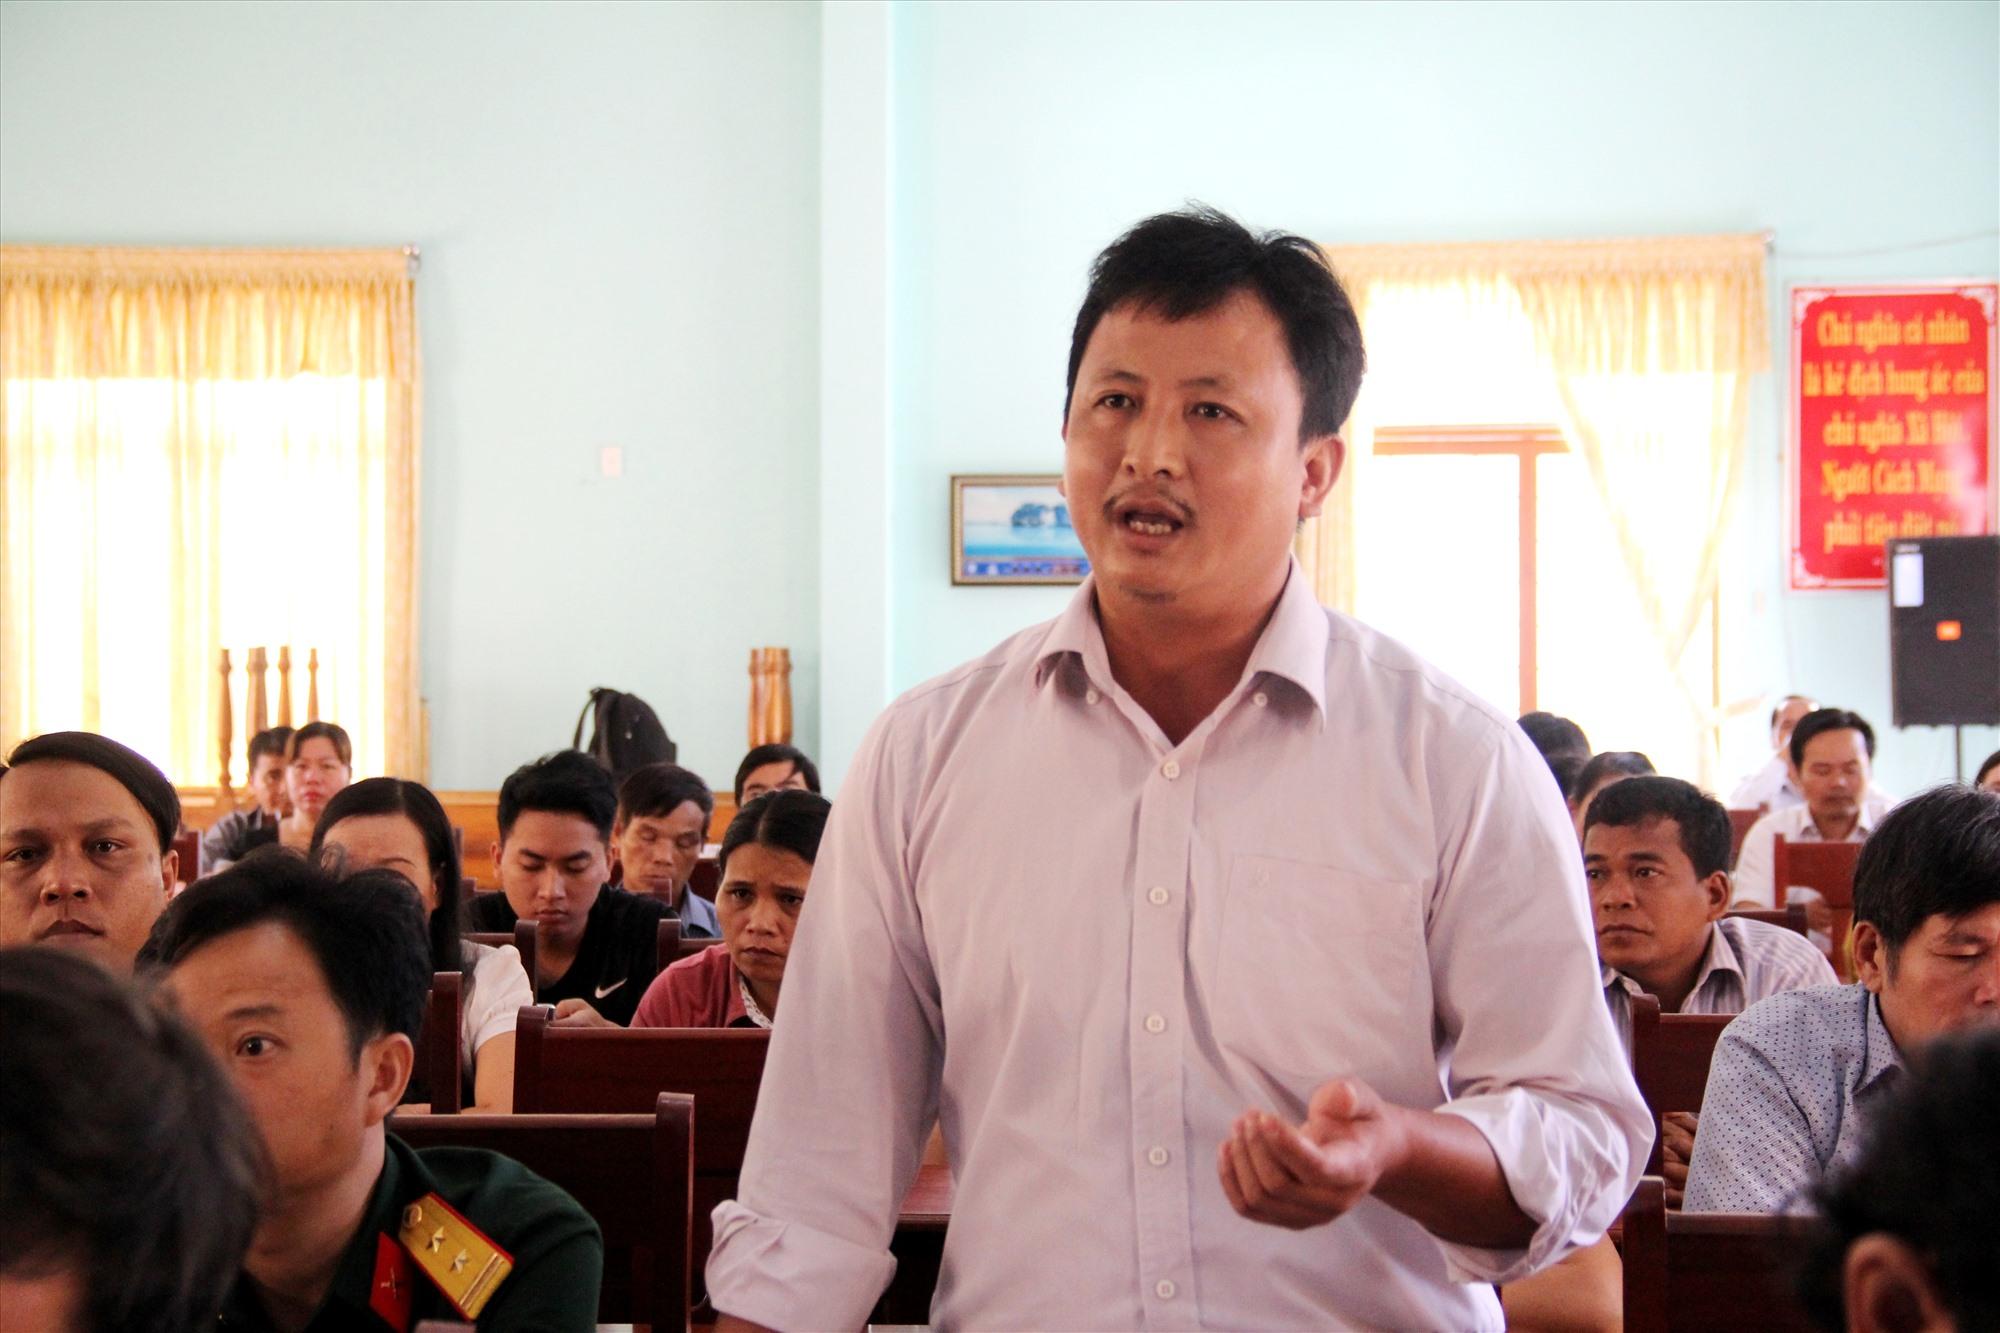 Cử tri Bùi Đức Ngọc - Phó Bí thư Đảng ủy thị trấn P'rao phát biểu ý kiến với ĐBQH. Ảnh: A.N